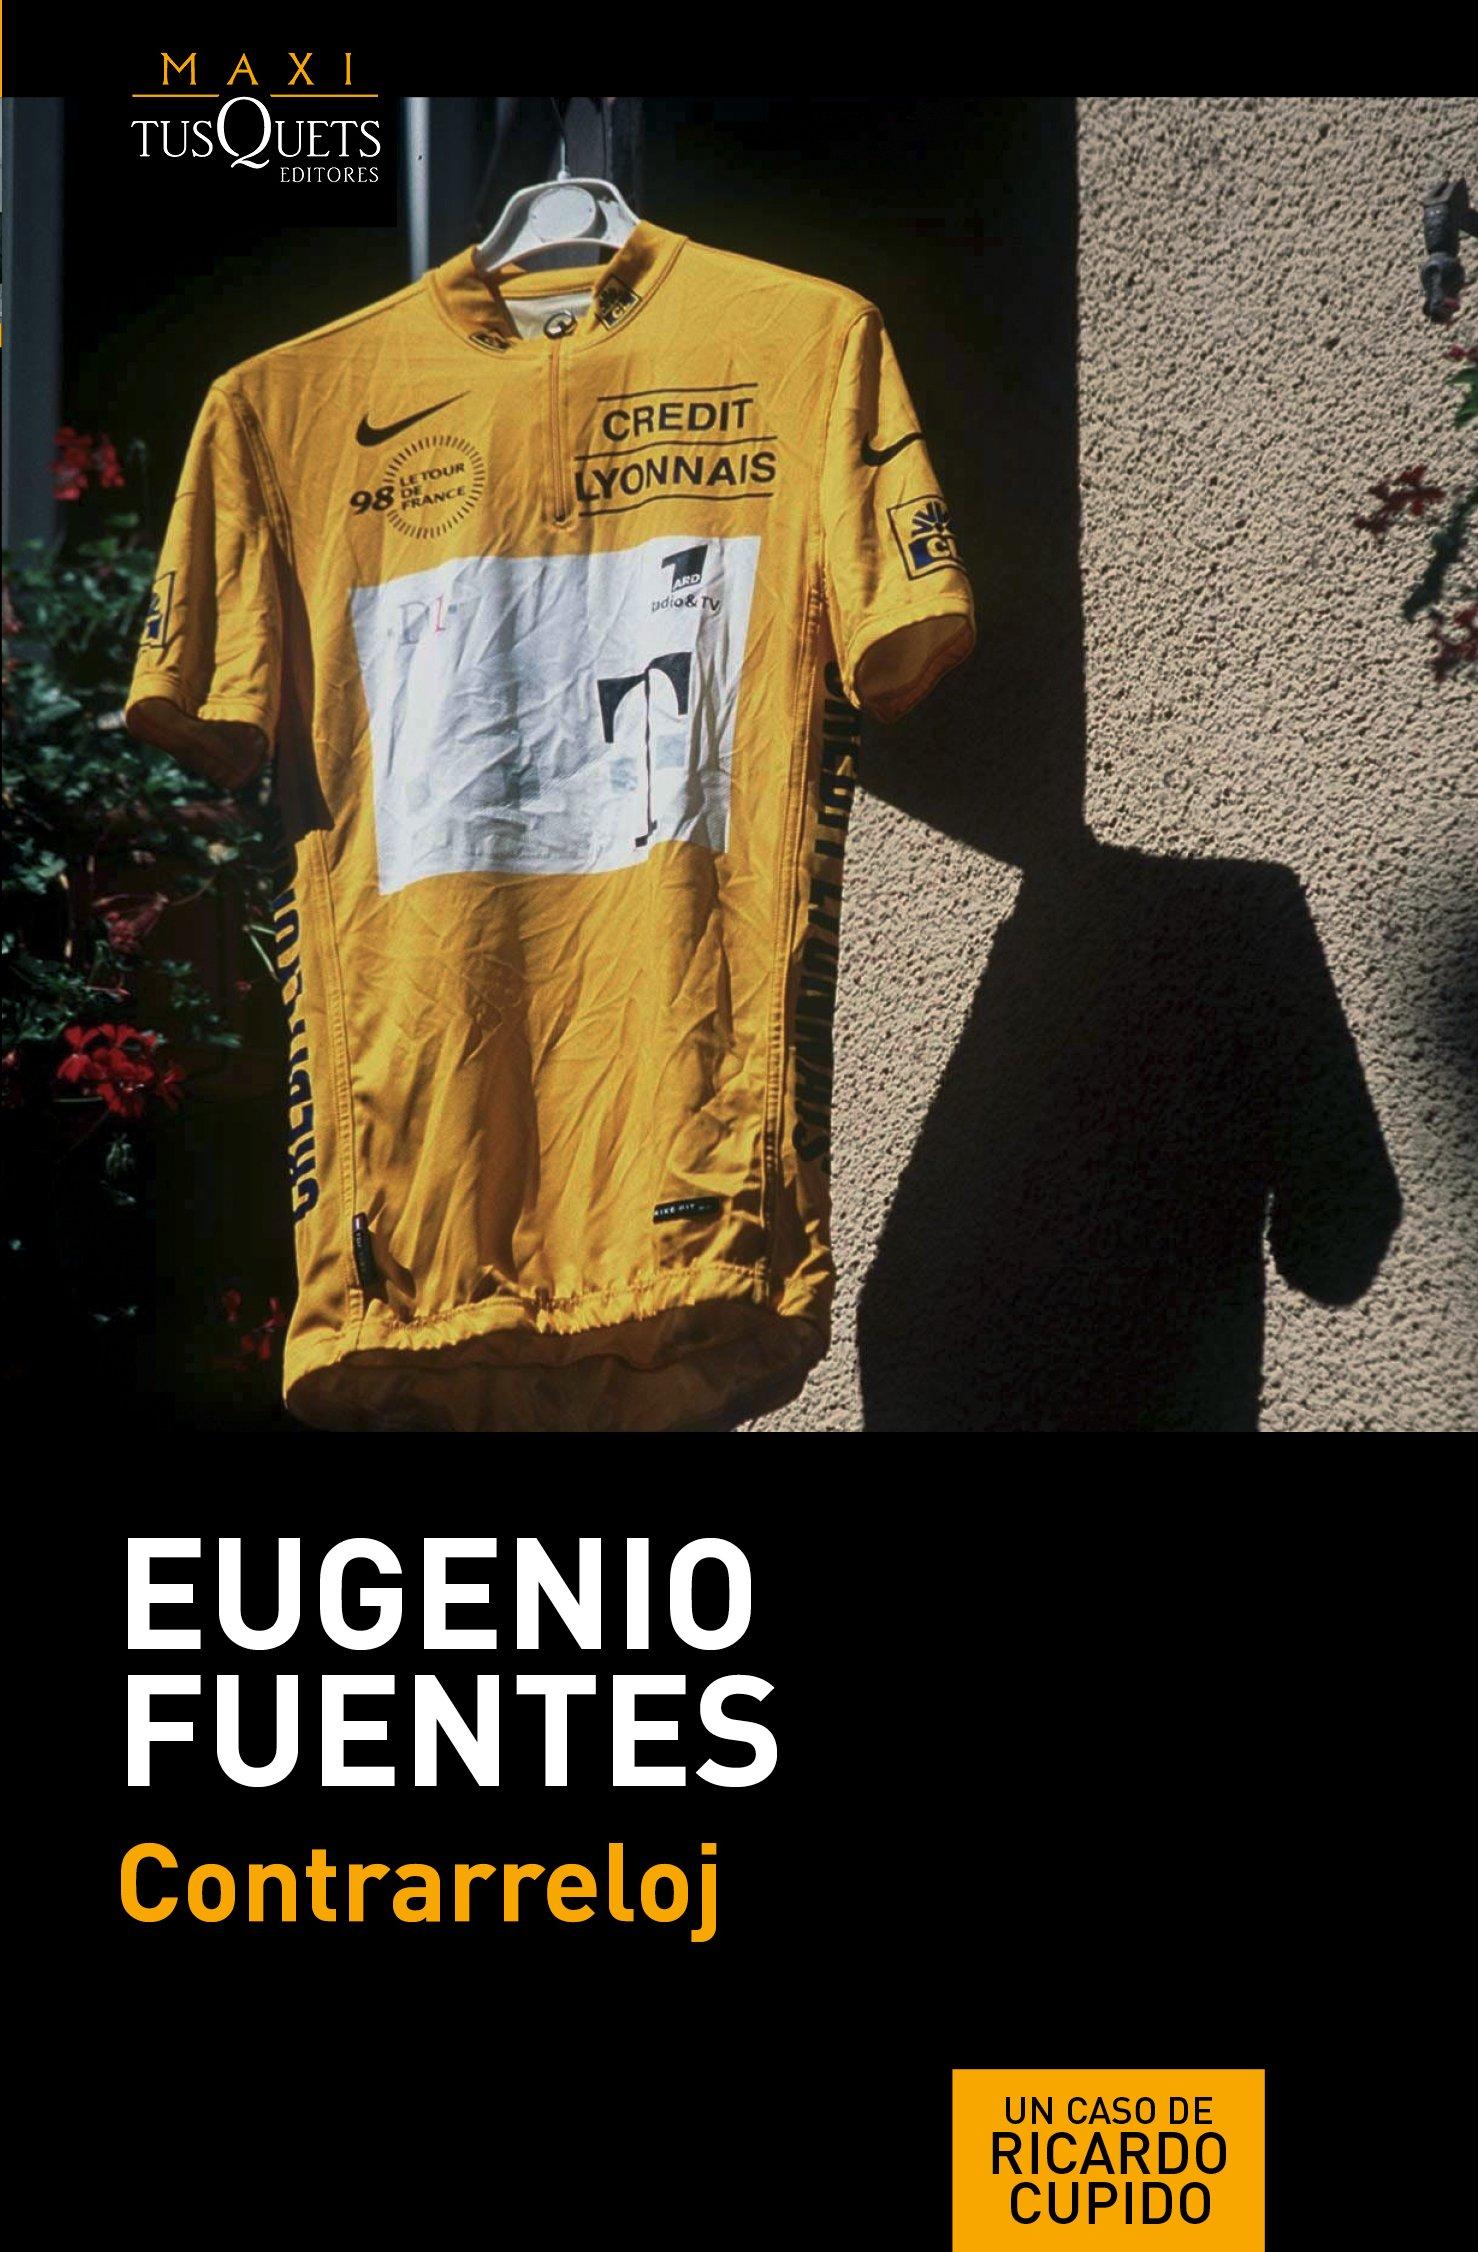 Contrarreloj: 37 (MAXI): Amazon.es: Eugenio Fuentes: Libros